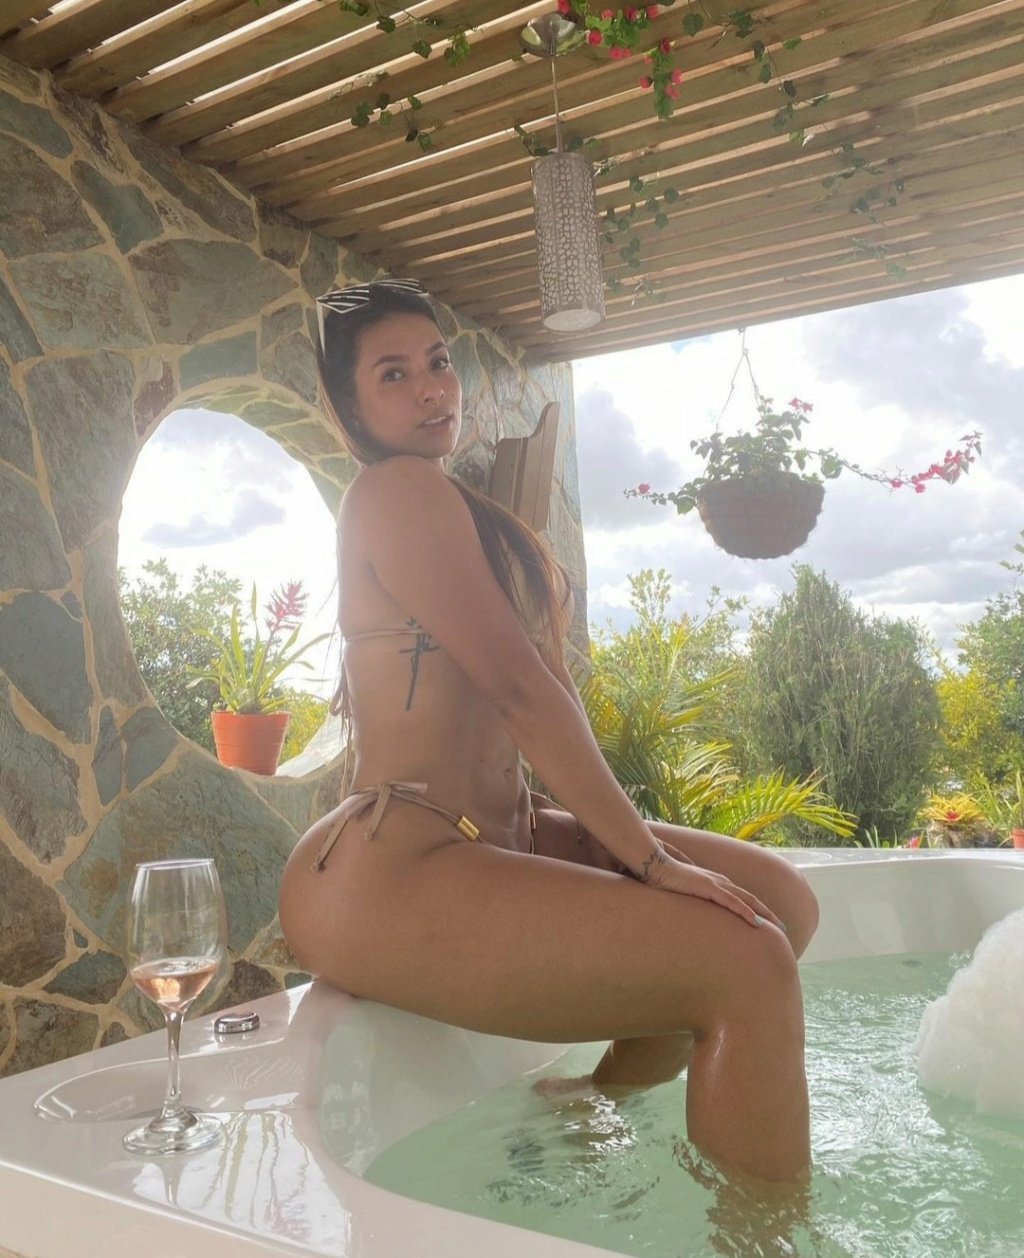 DEBATE sobre belleza, guapura y hermosura (fotos de chicas latinas, mestizas, y de todo) - VOL II - Página 8 Img_1382